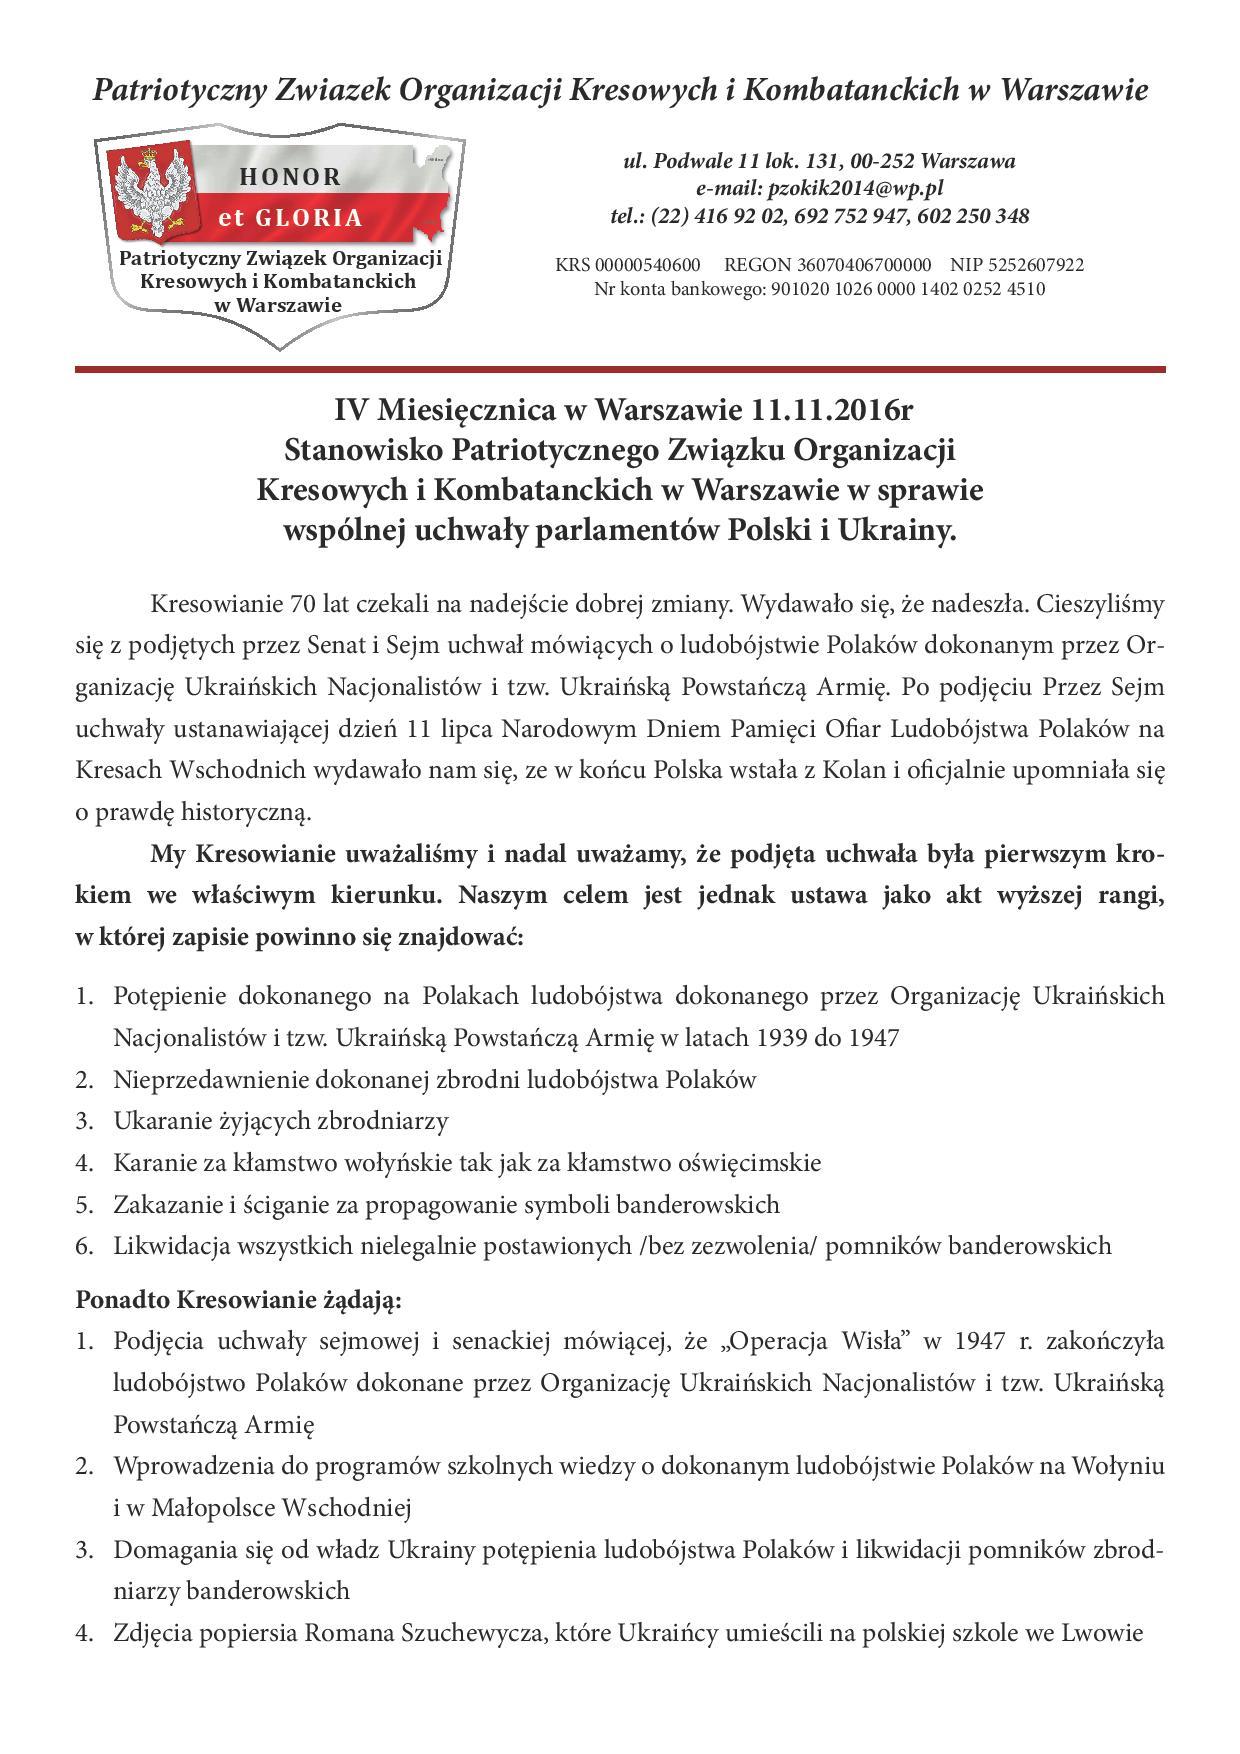 pismo-iv-miesiecznica-stanowisko_1